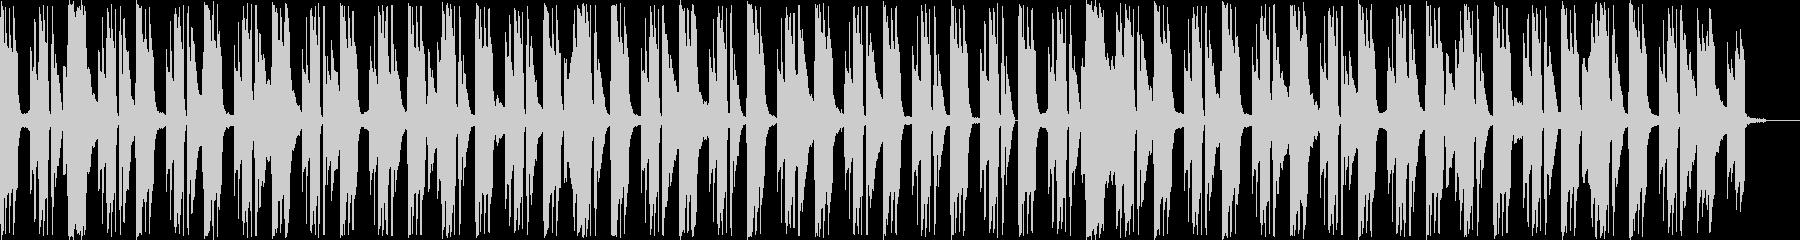 ホラー こわいの未再生の波形